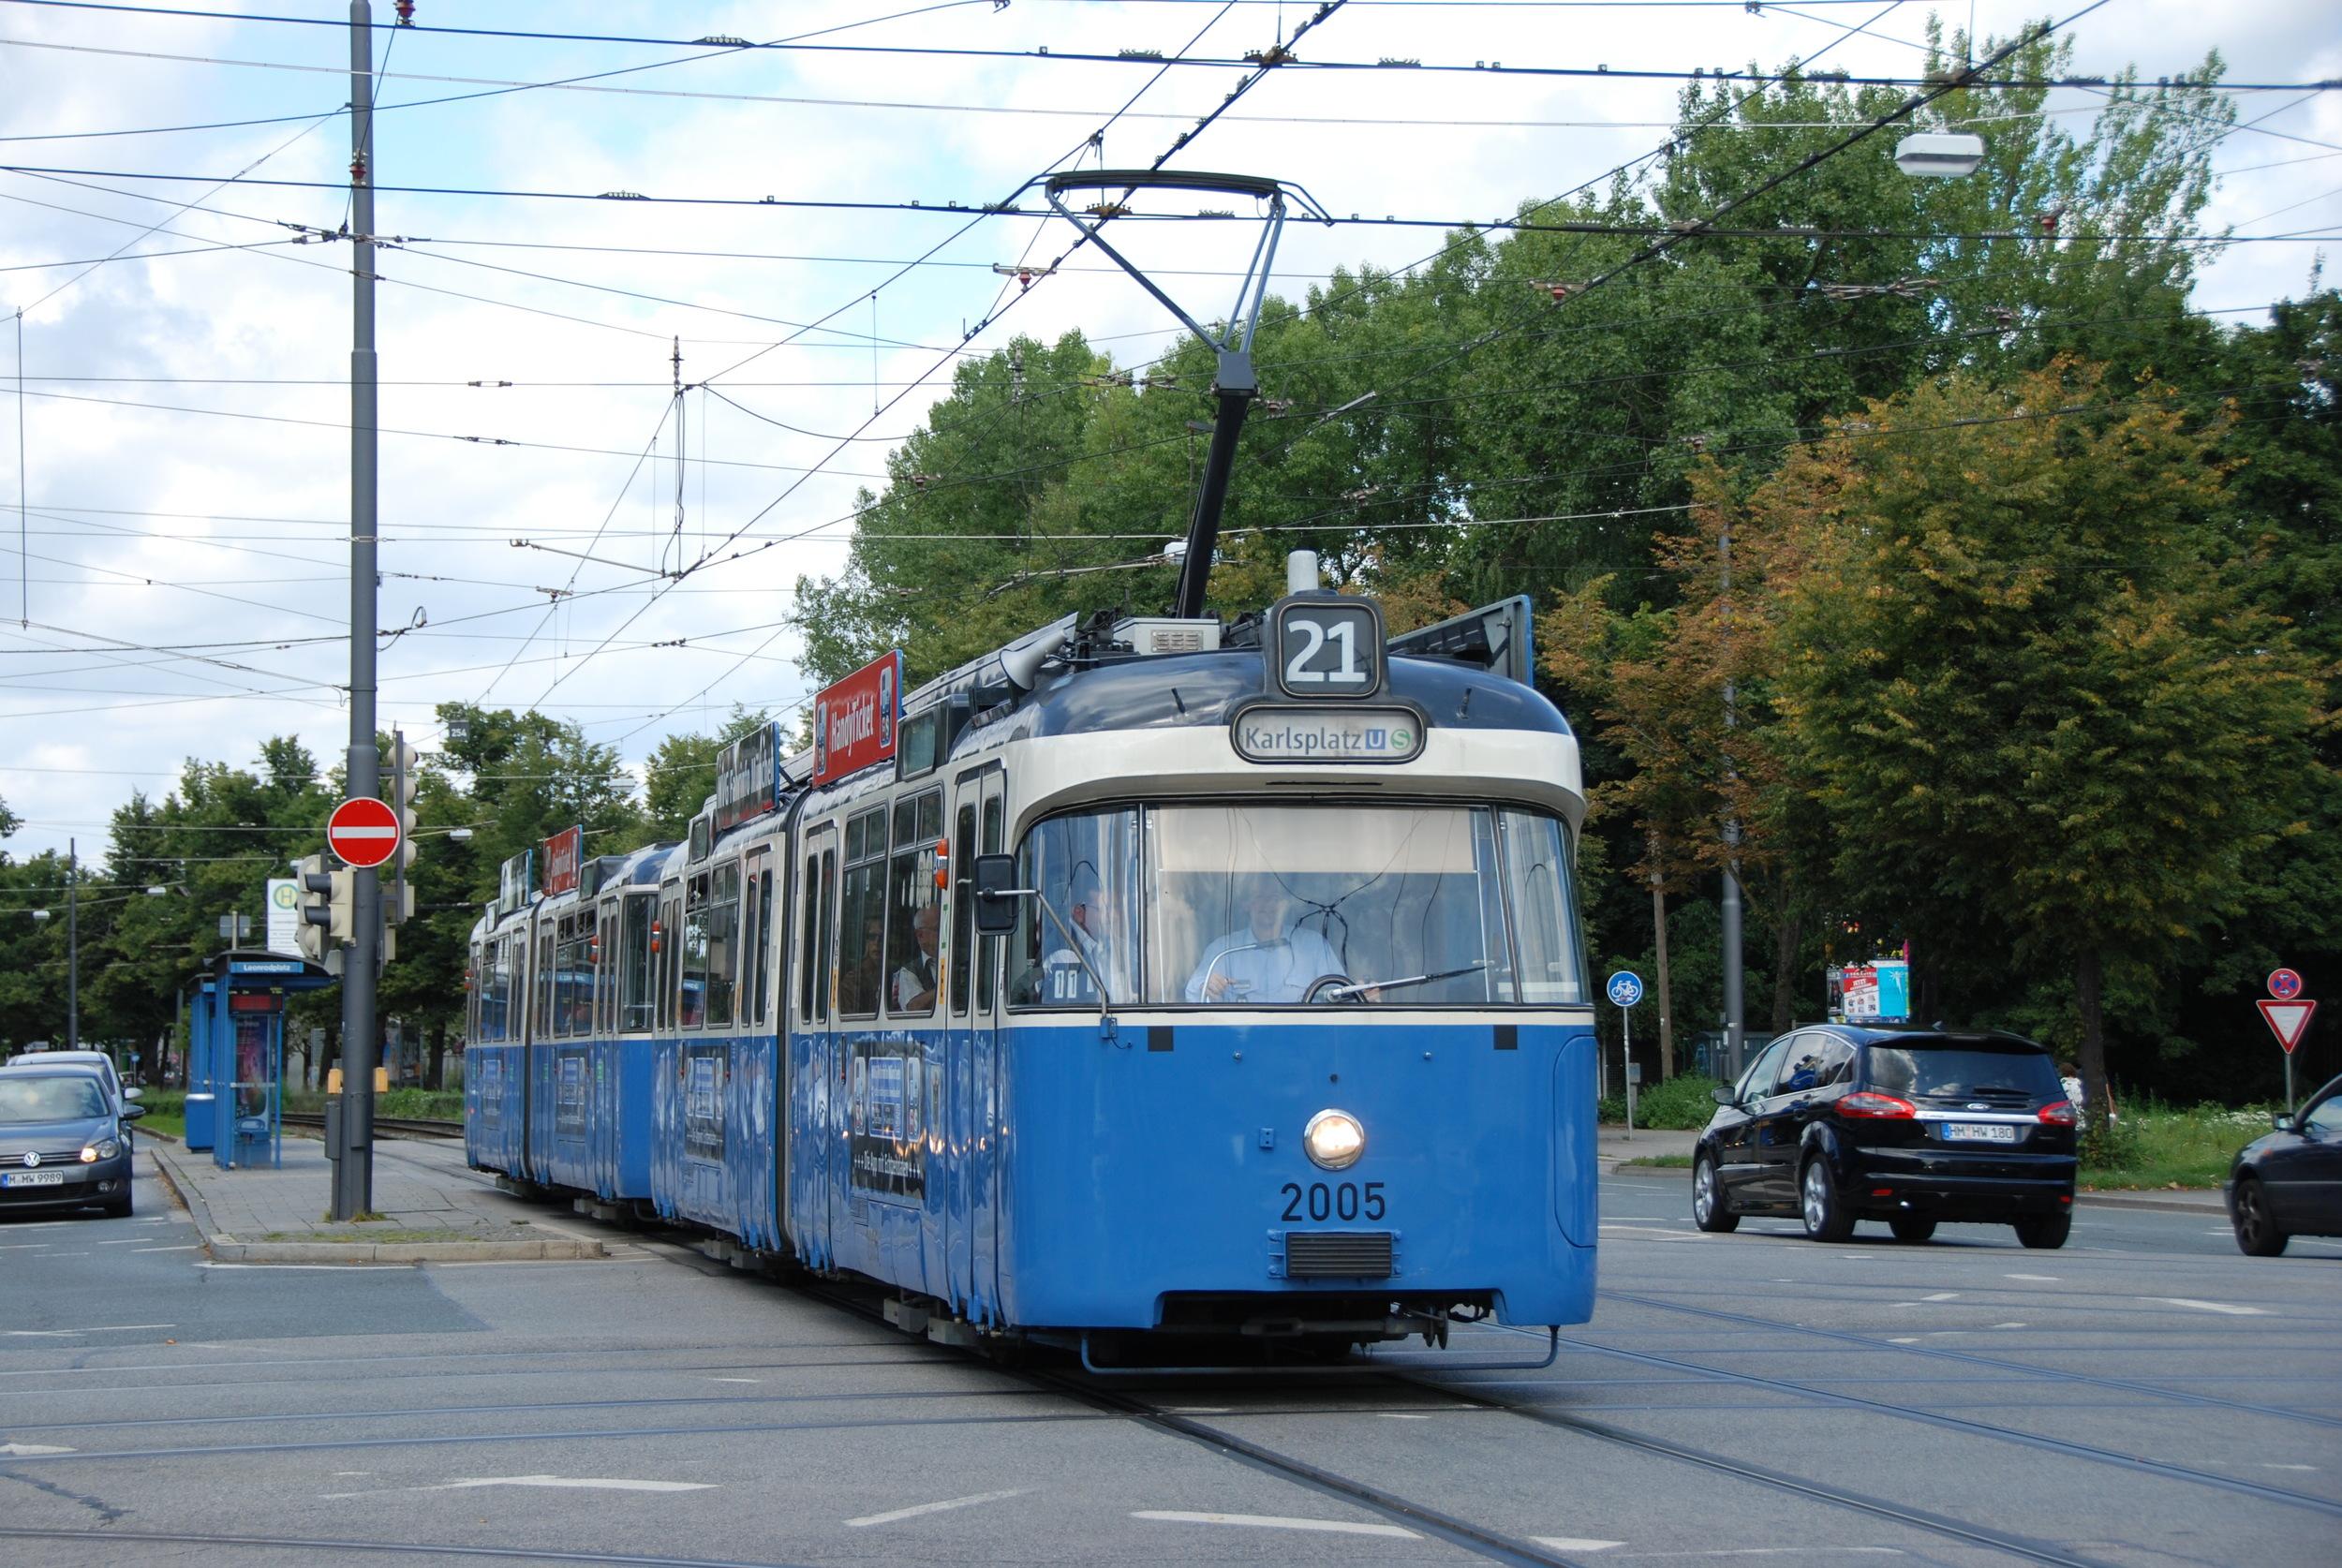 Mnichov řeší problémy s kapacitou vozoven tramvají i dep metra. (foto: Libor Hinčica)